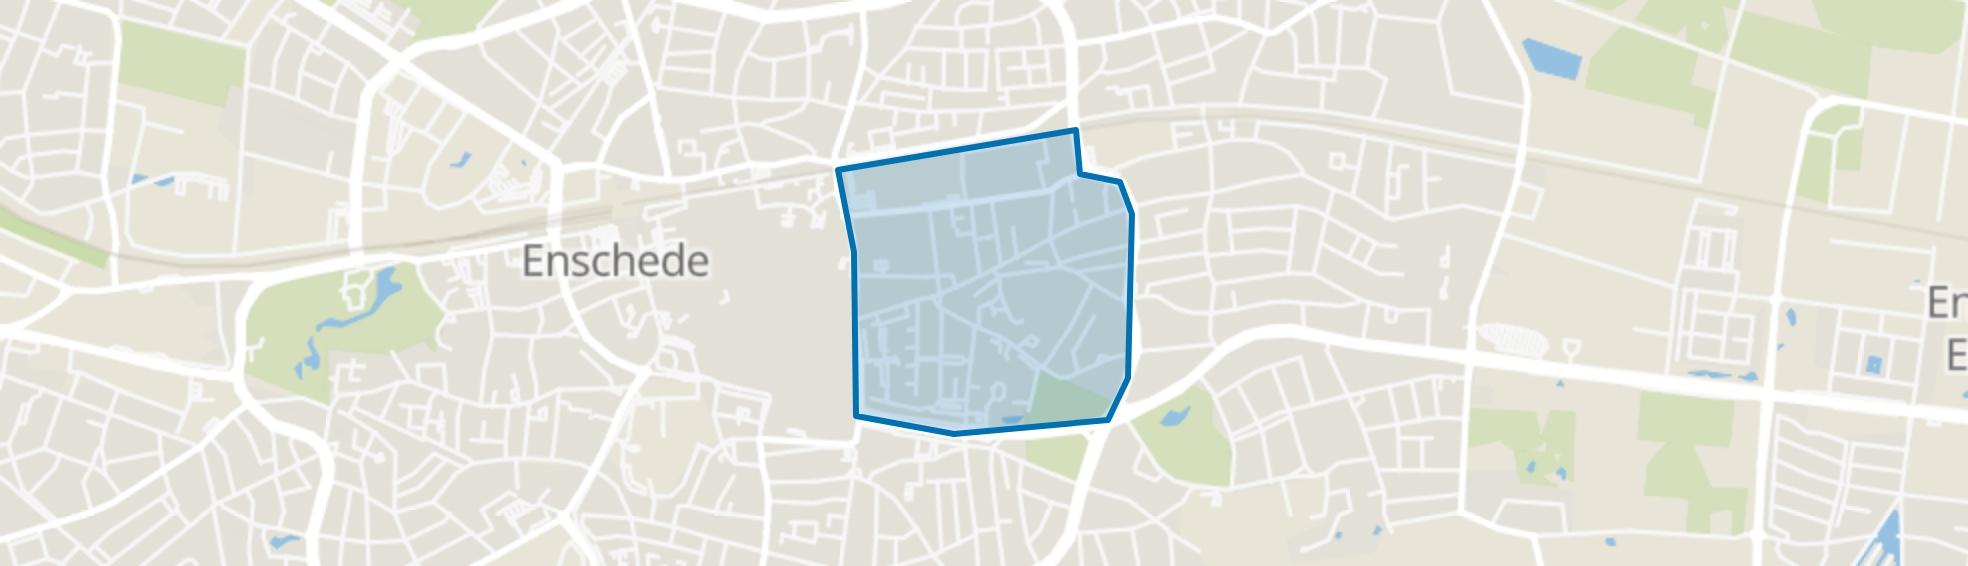 De Bothoven, Enschede map